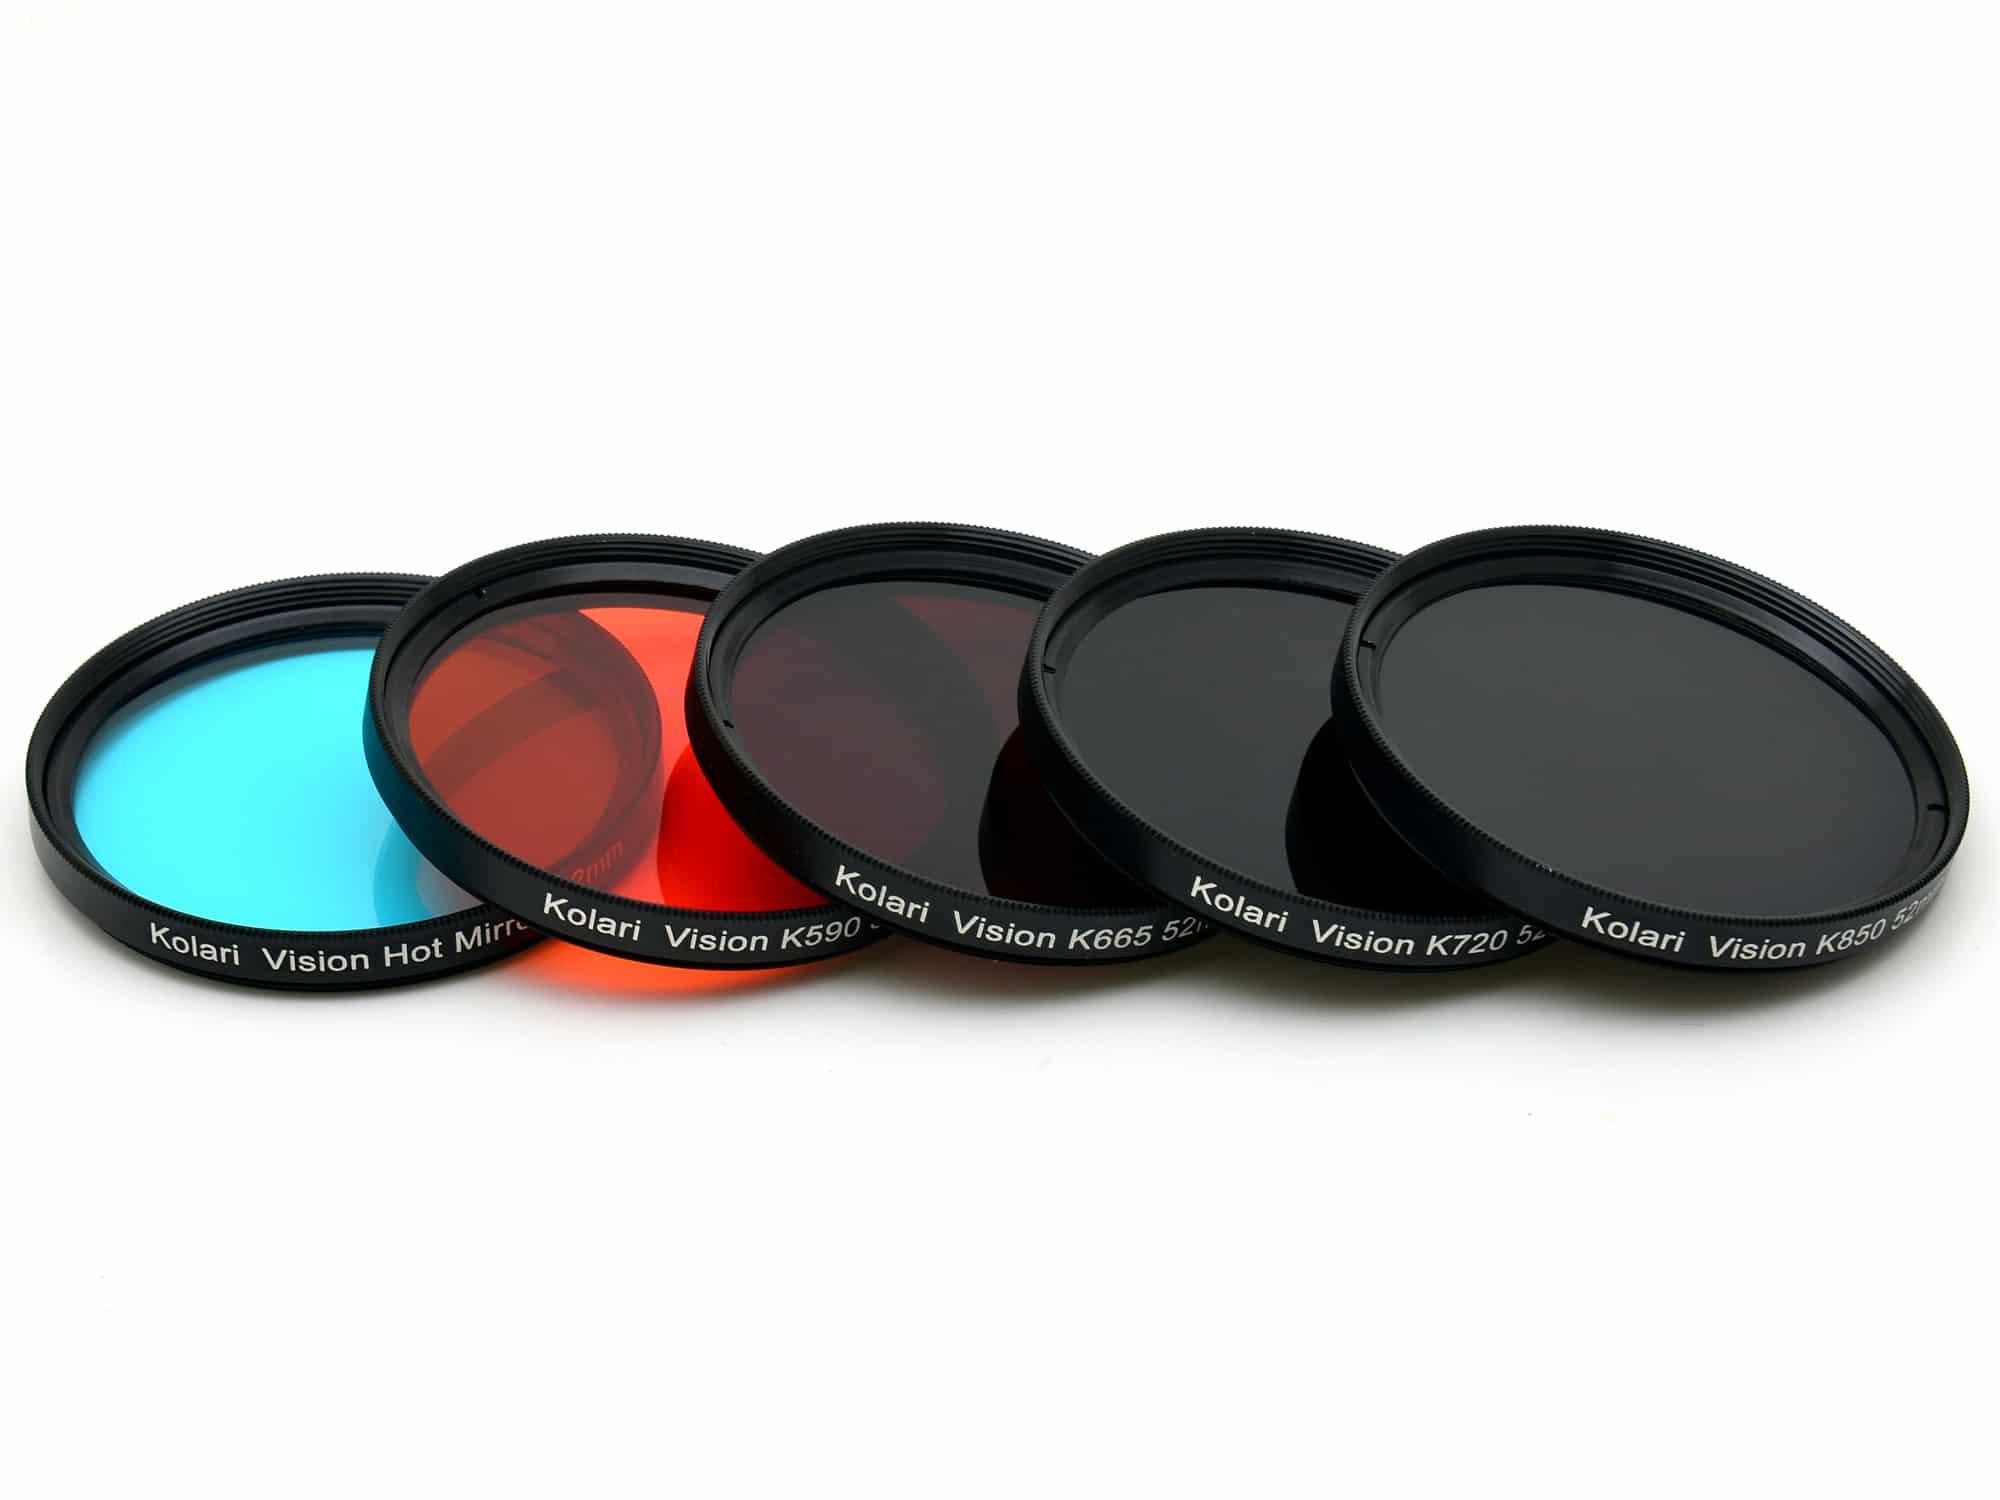 فیلترها در عکاسی صنعتی | فیلتر عکاسی | عکاسی تبلیغاتی | تجهیزات عکاسی حرفه ای